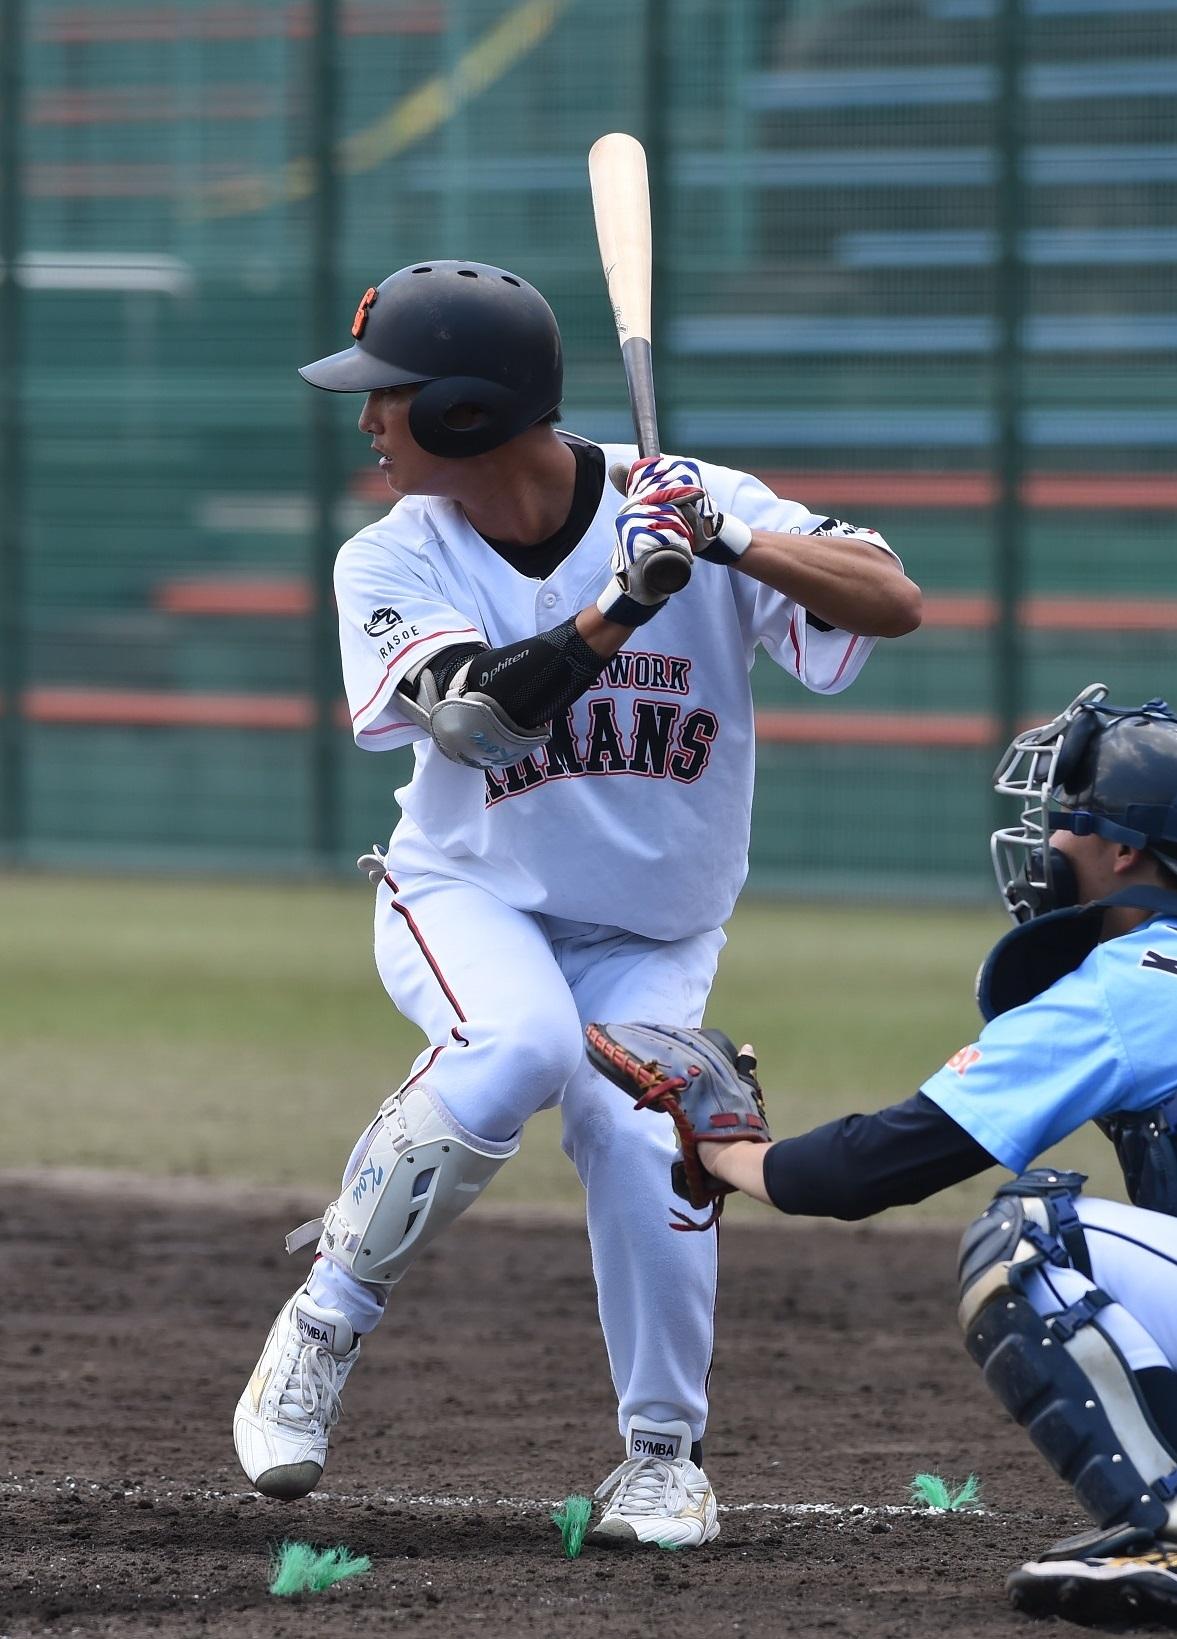 東京ガスで6年間プレーした濱田晃成は、シンバネットワークアーマンズベースボールクラブで攻守の中心だ。